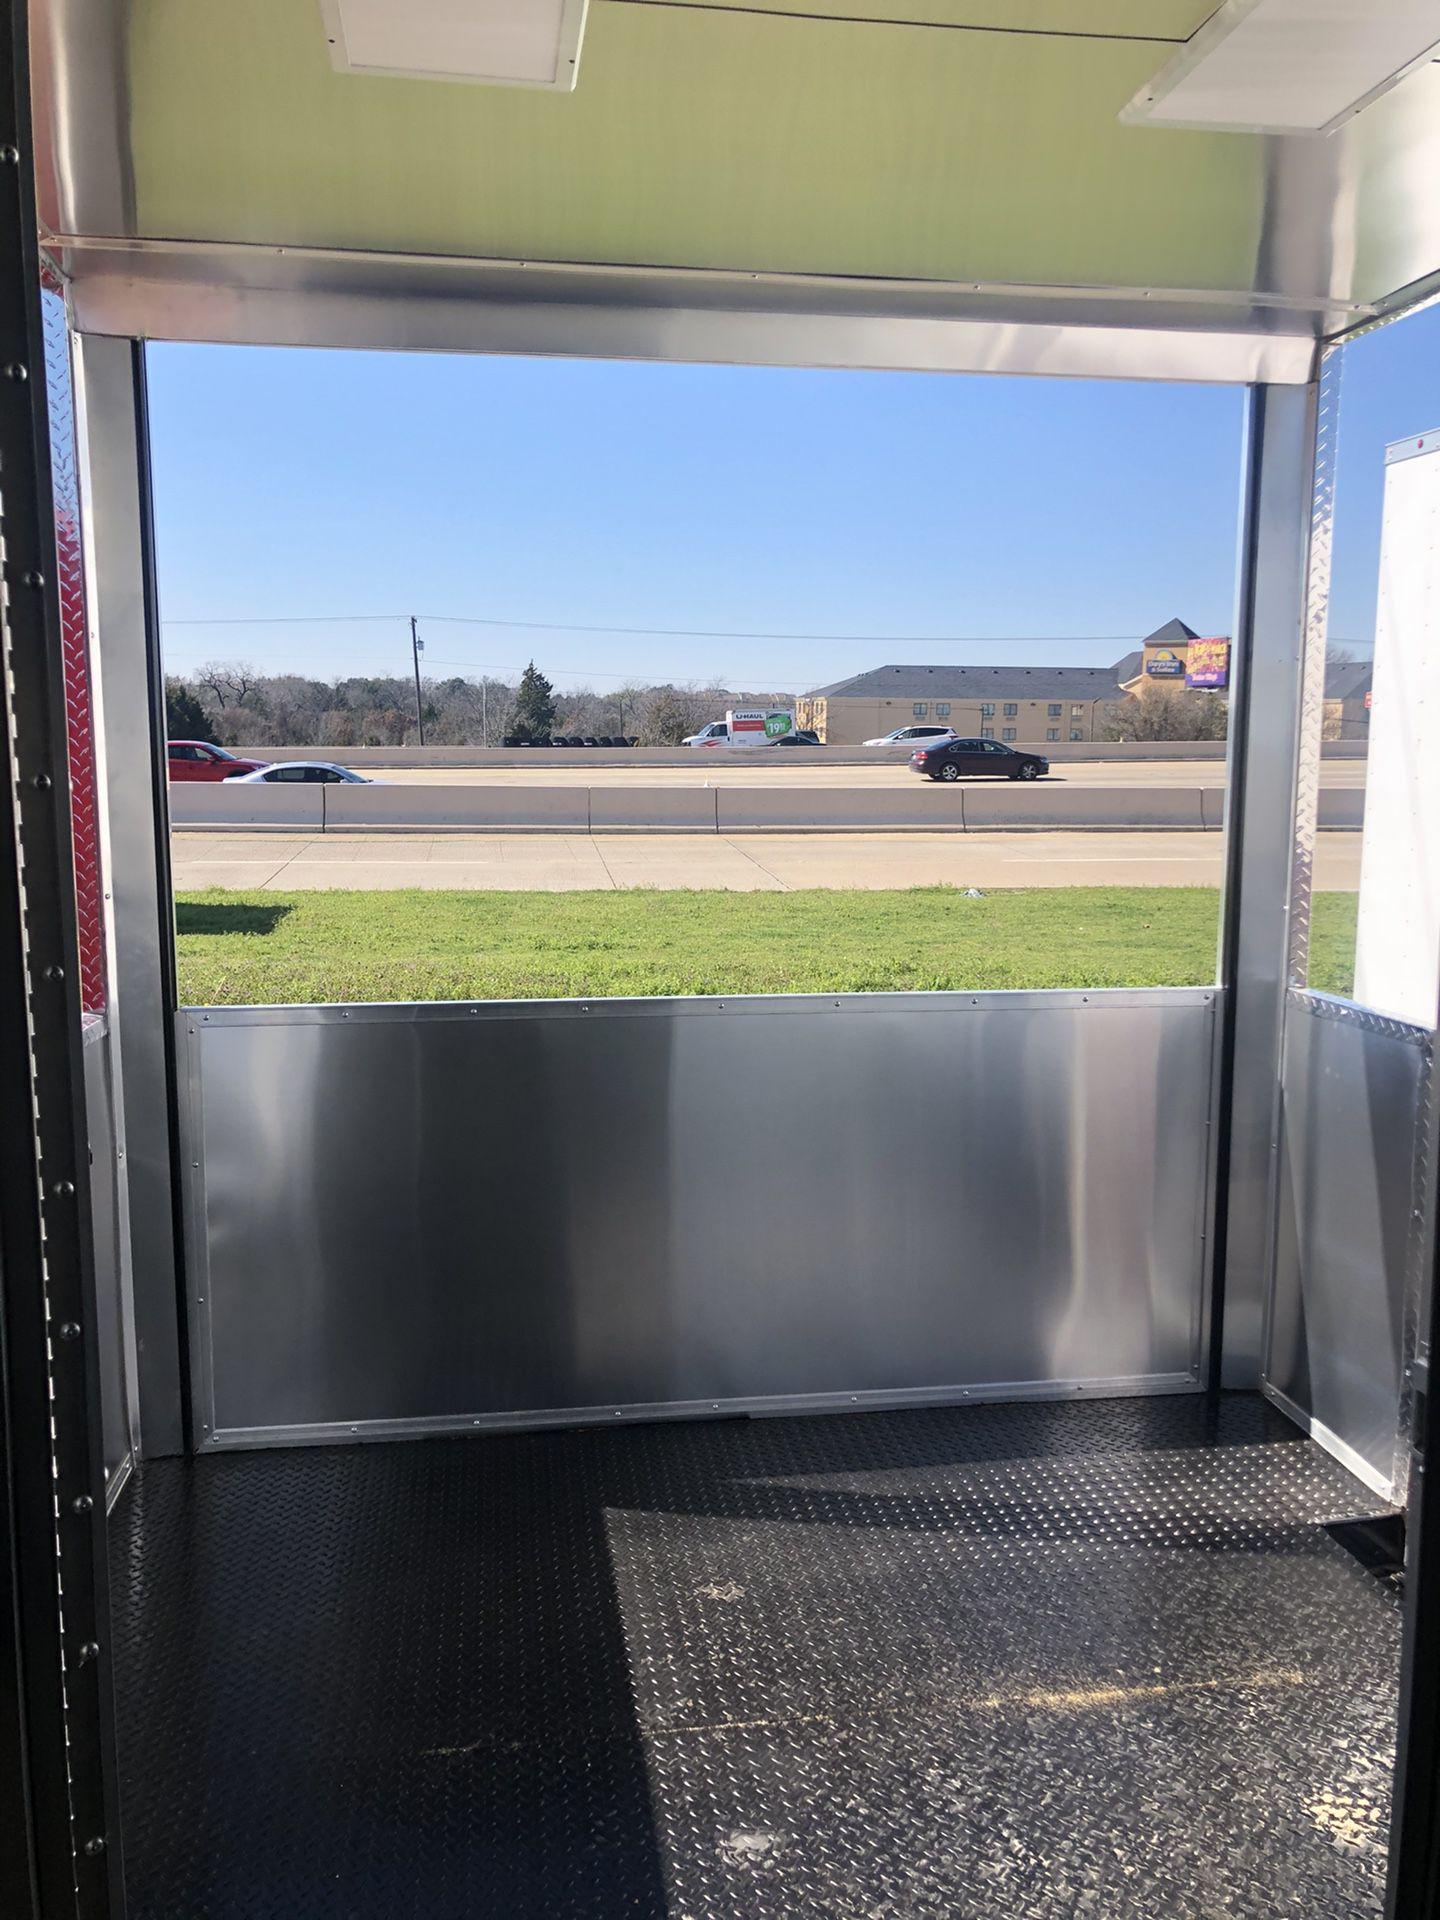 Bbq porch concession trailer w open porch 8.5x20